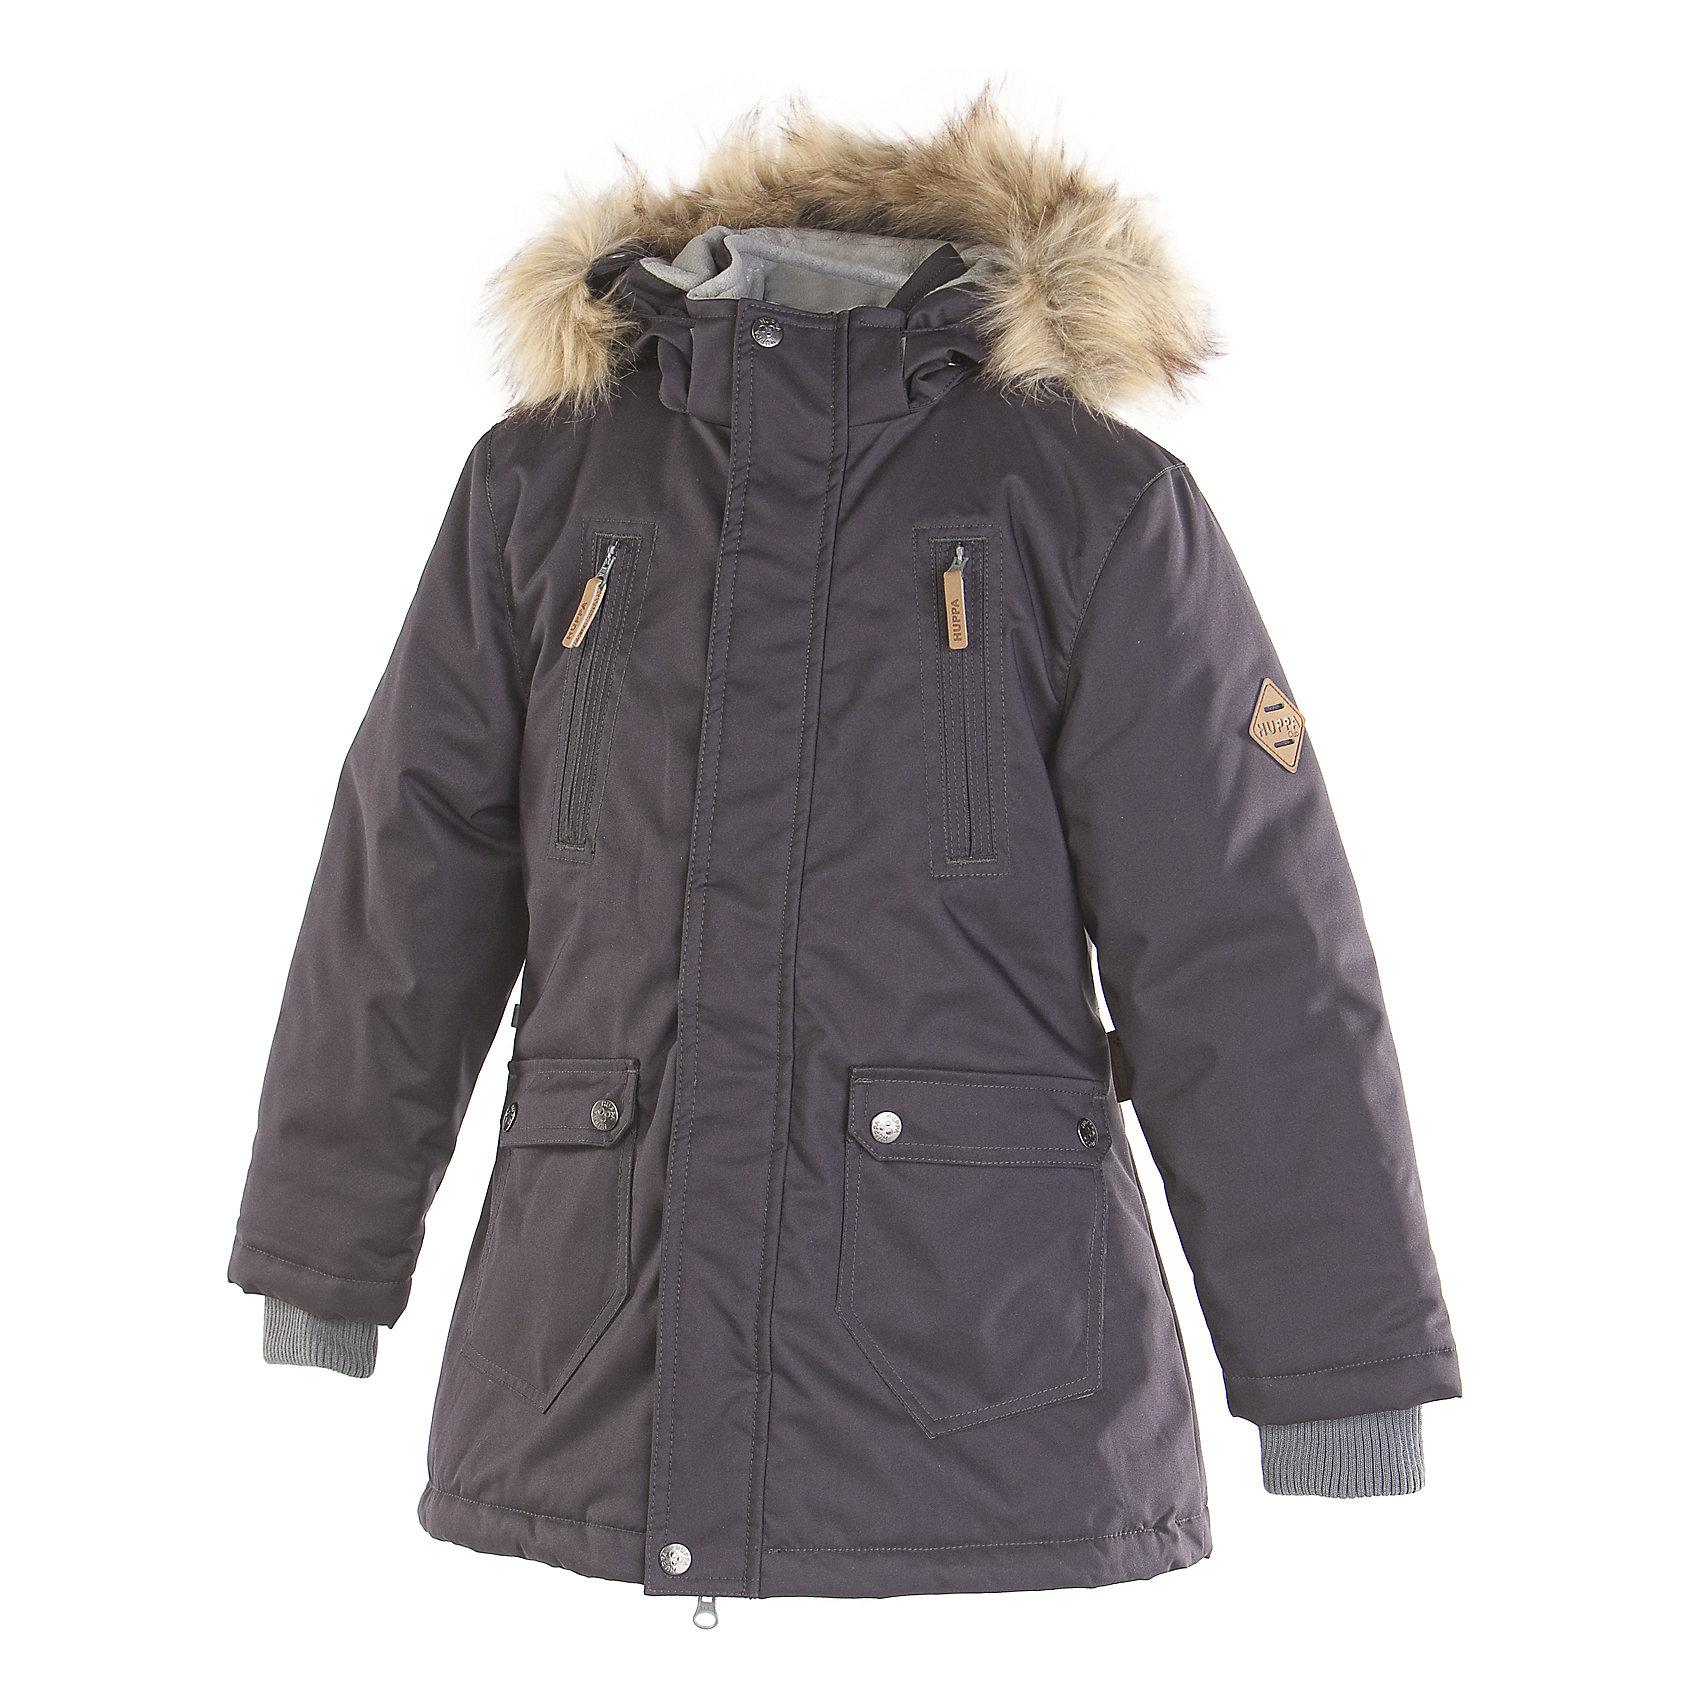 Куртка для мальчика HuppaЗимние куртки<br>Модная парка с легким ватином для юношей. У парки приятная подкладка частично из тафты и частично из флиса и отлично подходящая для нашего климата дышащая и водоотталкивающая ткань. Удобство ношения обеспечивают рукава с резинкой, регулируемый стопперами резиновый шнур и капюшон со съемным мехом. Самые ценные вещи молодой человек может спрятать в закрывающиеся на молнию карманы.<br>Huppa (Хуппа)Therm 200 грамм<br>Высокотехнологичный лёгкий синтетический утеплитель нового поколения, сохраняет объём и высокую теплоизоляцию изделия, а также легко стирается и быстро сохнет.<br>Влагоустойчивая и дышащая ткань 10 000/ 10 000<br>Мембрана препятствует прохождению воды и ветра сквозь ткань внутрь изделия, позволяя испаряться выделяемой телом, образовывающейся внутри влаге.<br>Проклеенные швы<br>Для максимальной влагонепроницаемости изделия, важнейшие швы проклеены водостойкой лентой.<br>Прочная ткань<br>Сплетения волокон в тканях выполнены по специальной технологии, которая придаёт ткани прочность и предохранят от истирания.<br>Светоотражательные детали<br>При плохих погодных условиях или в темноте, когда свет падает на одежду, он отражается, делая ребёнка более заметным, уменьшая возможность несчастных случаев.<br><br>Дополнительная информация:<br><br>Температурный режим: от 0° до -15°С<br>Ткань: 100% полиэстер<br>Подкладка: тафта- 100% полиэстер, флис - 100% полиэстер<br>Утеплитель: 100% полиэстер - 200г.<br>Плечевые швы проклеены<br>Капюшон с отстёгивающимся мехом<br><br>Куртку для мальчика Huppa (Хуппа) можно купить в нашем магазине.<br><br>Ширина мм: 356<br>Глубина мм: 10<br>Высота мм: 245<br>Вес г: 519<br>Цвет: серый<br>Возраст от месяцев: 48<br>Возраст до месяцев: 60<br>Пол: Мужской<br>Возраст: Детский<br>Размер: 152,110,170,164,140,122,128,134,146,116,104,158<br>SKU: 4242245